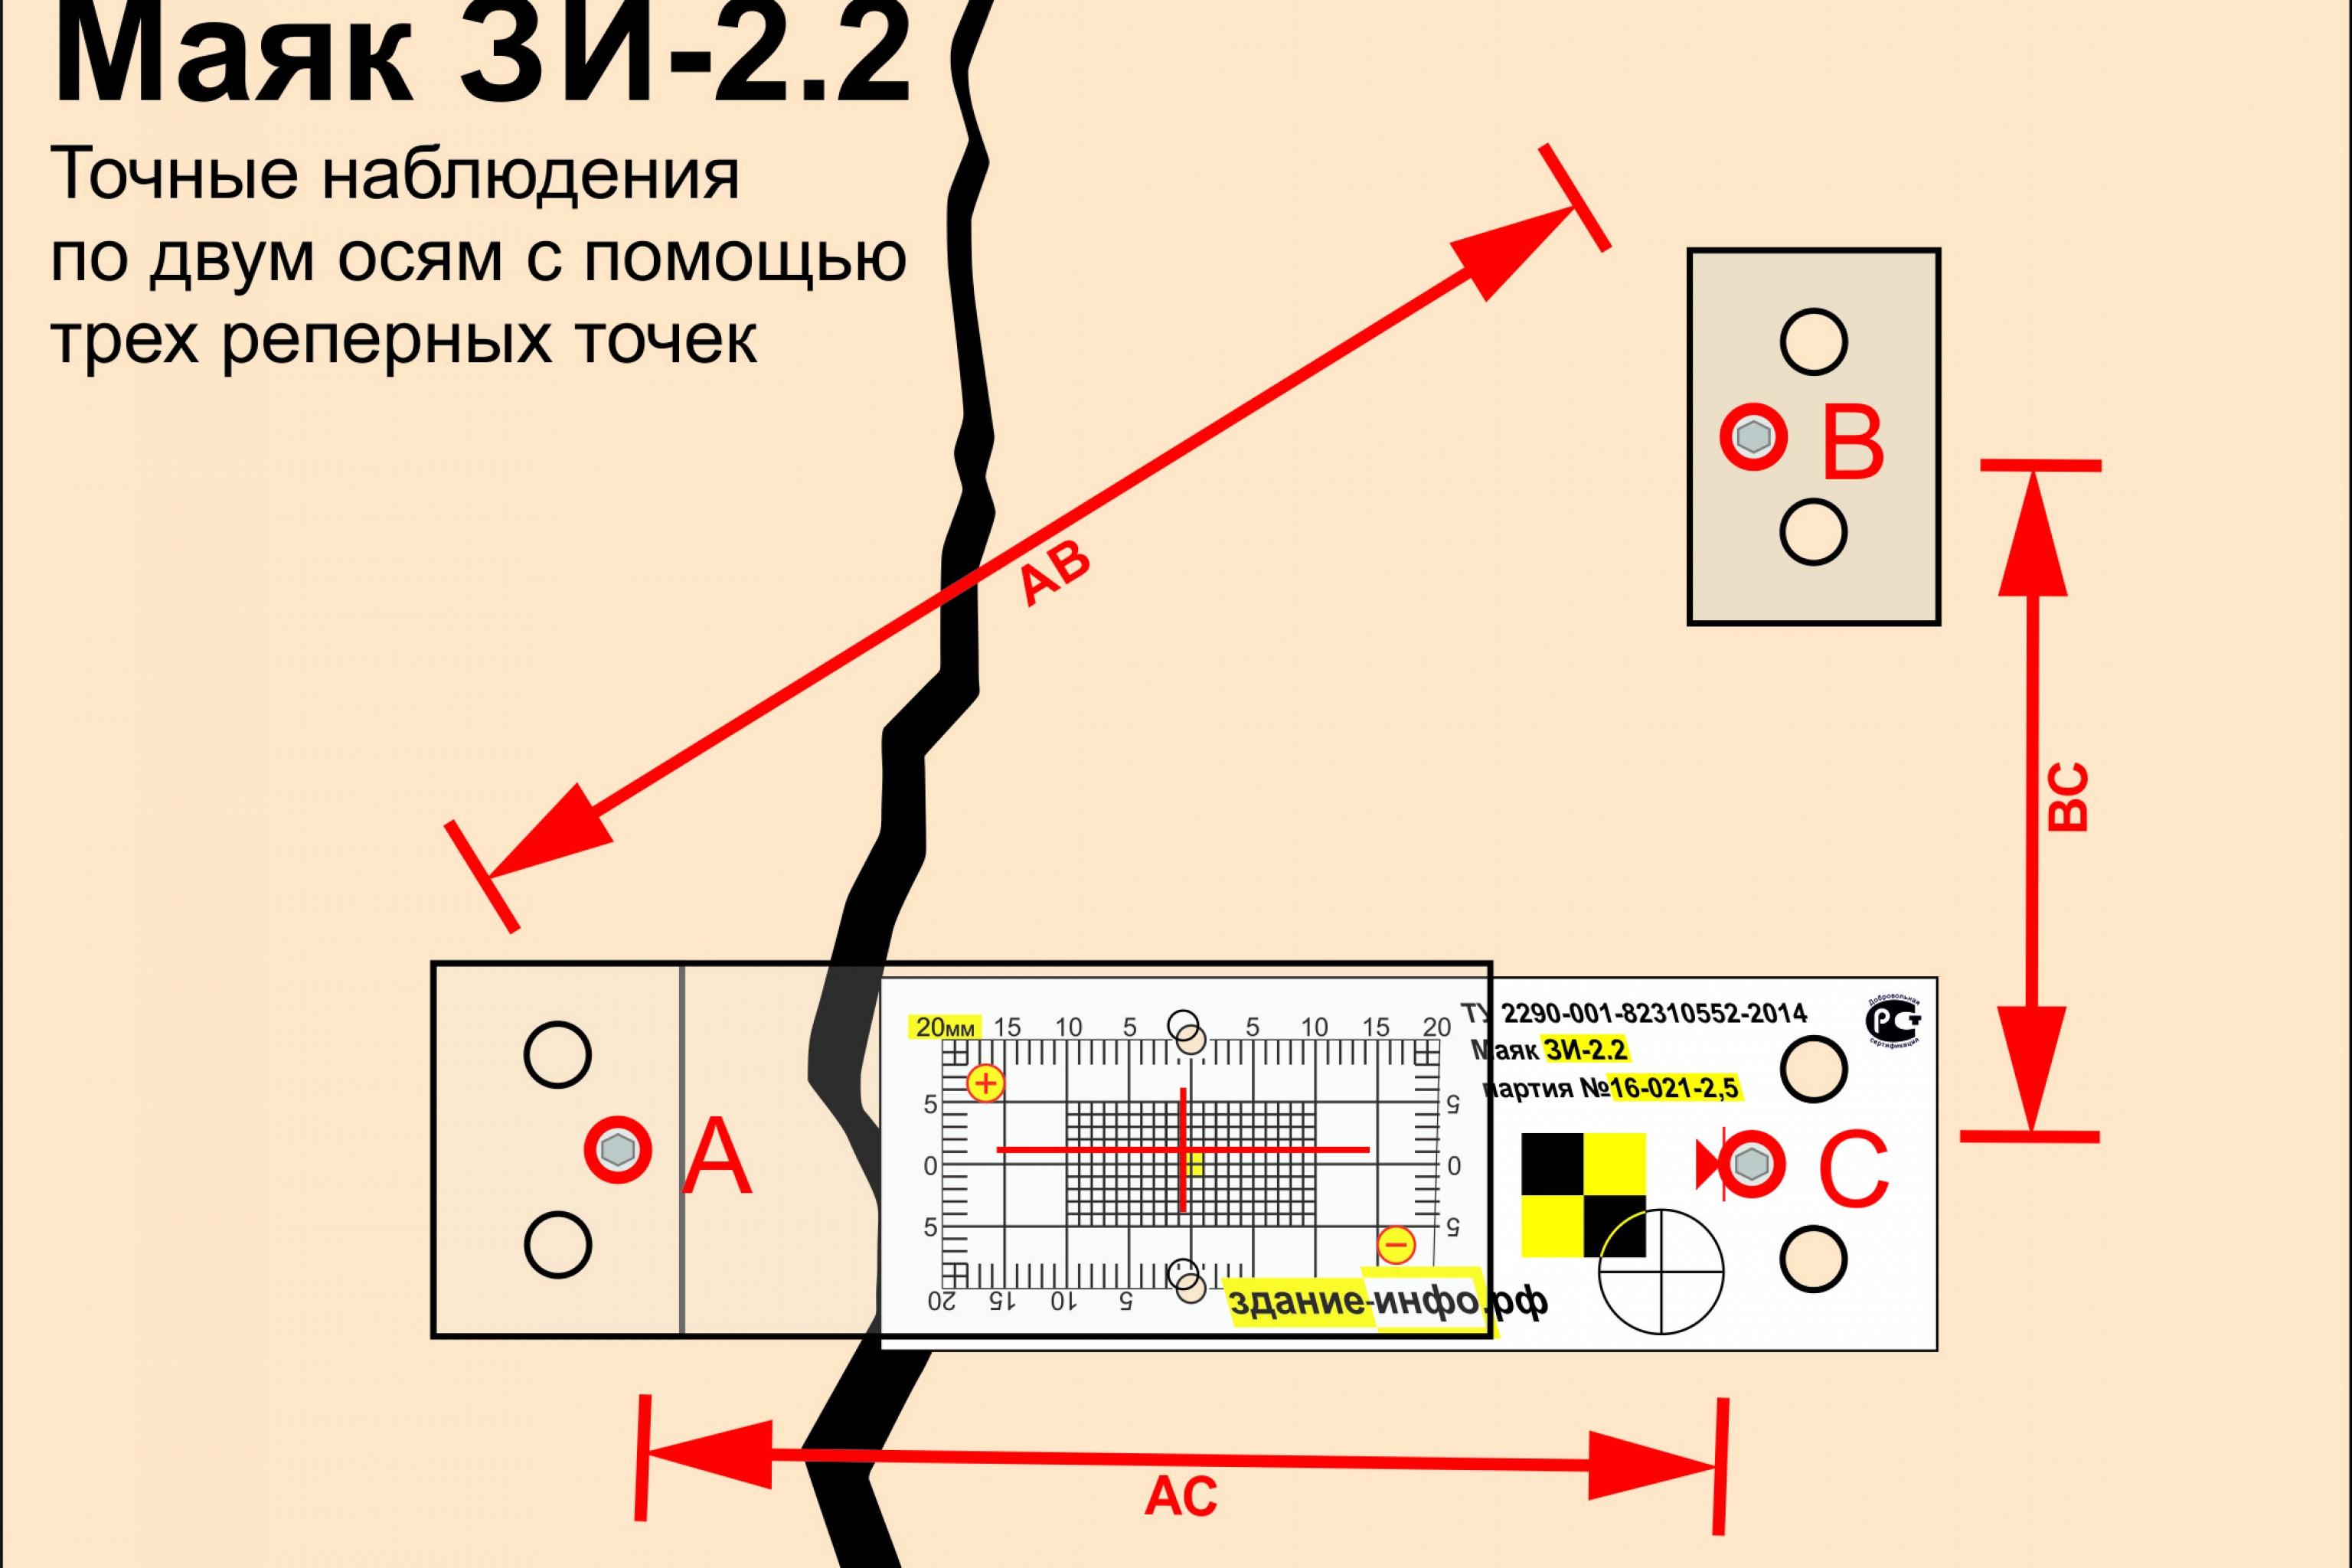 зи-2.2 - точные наблюдения по двум осям